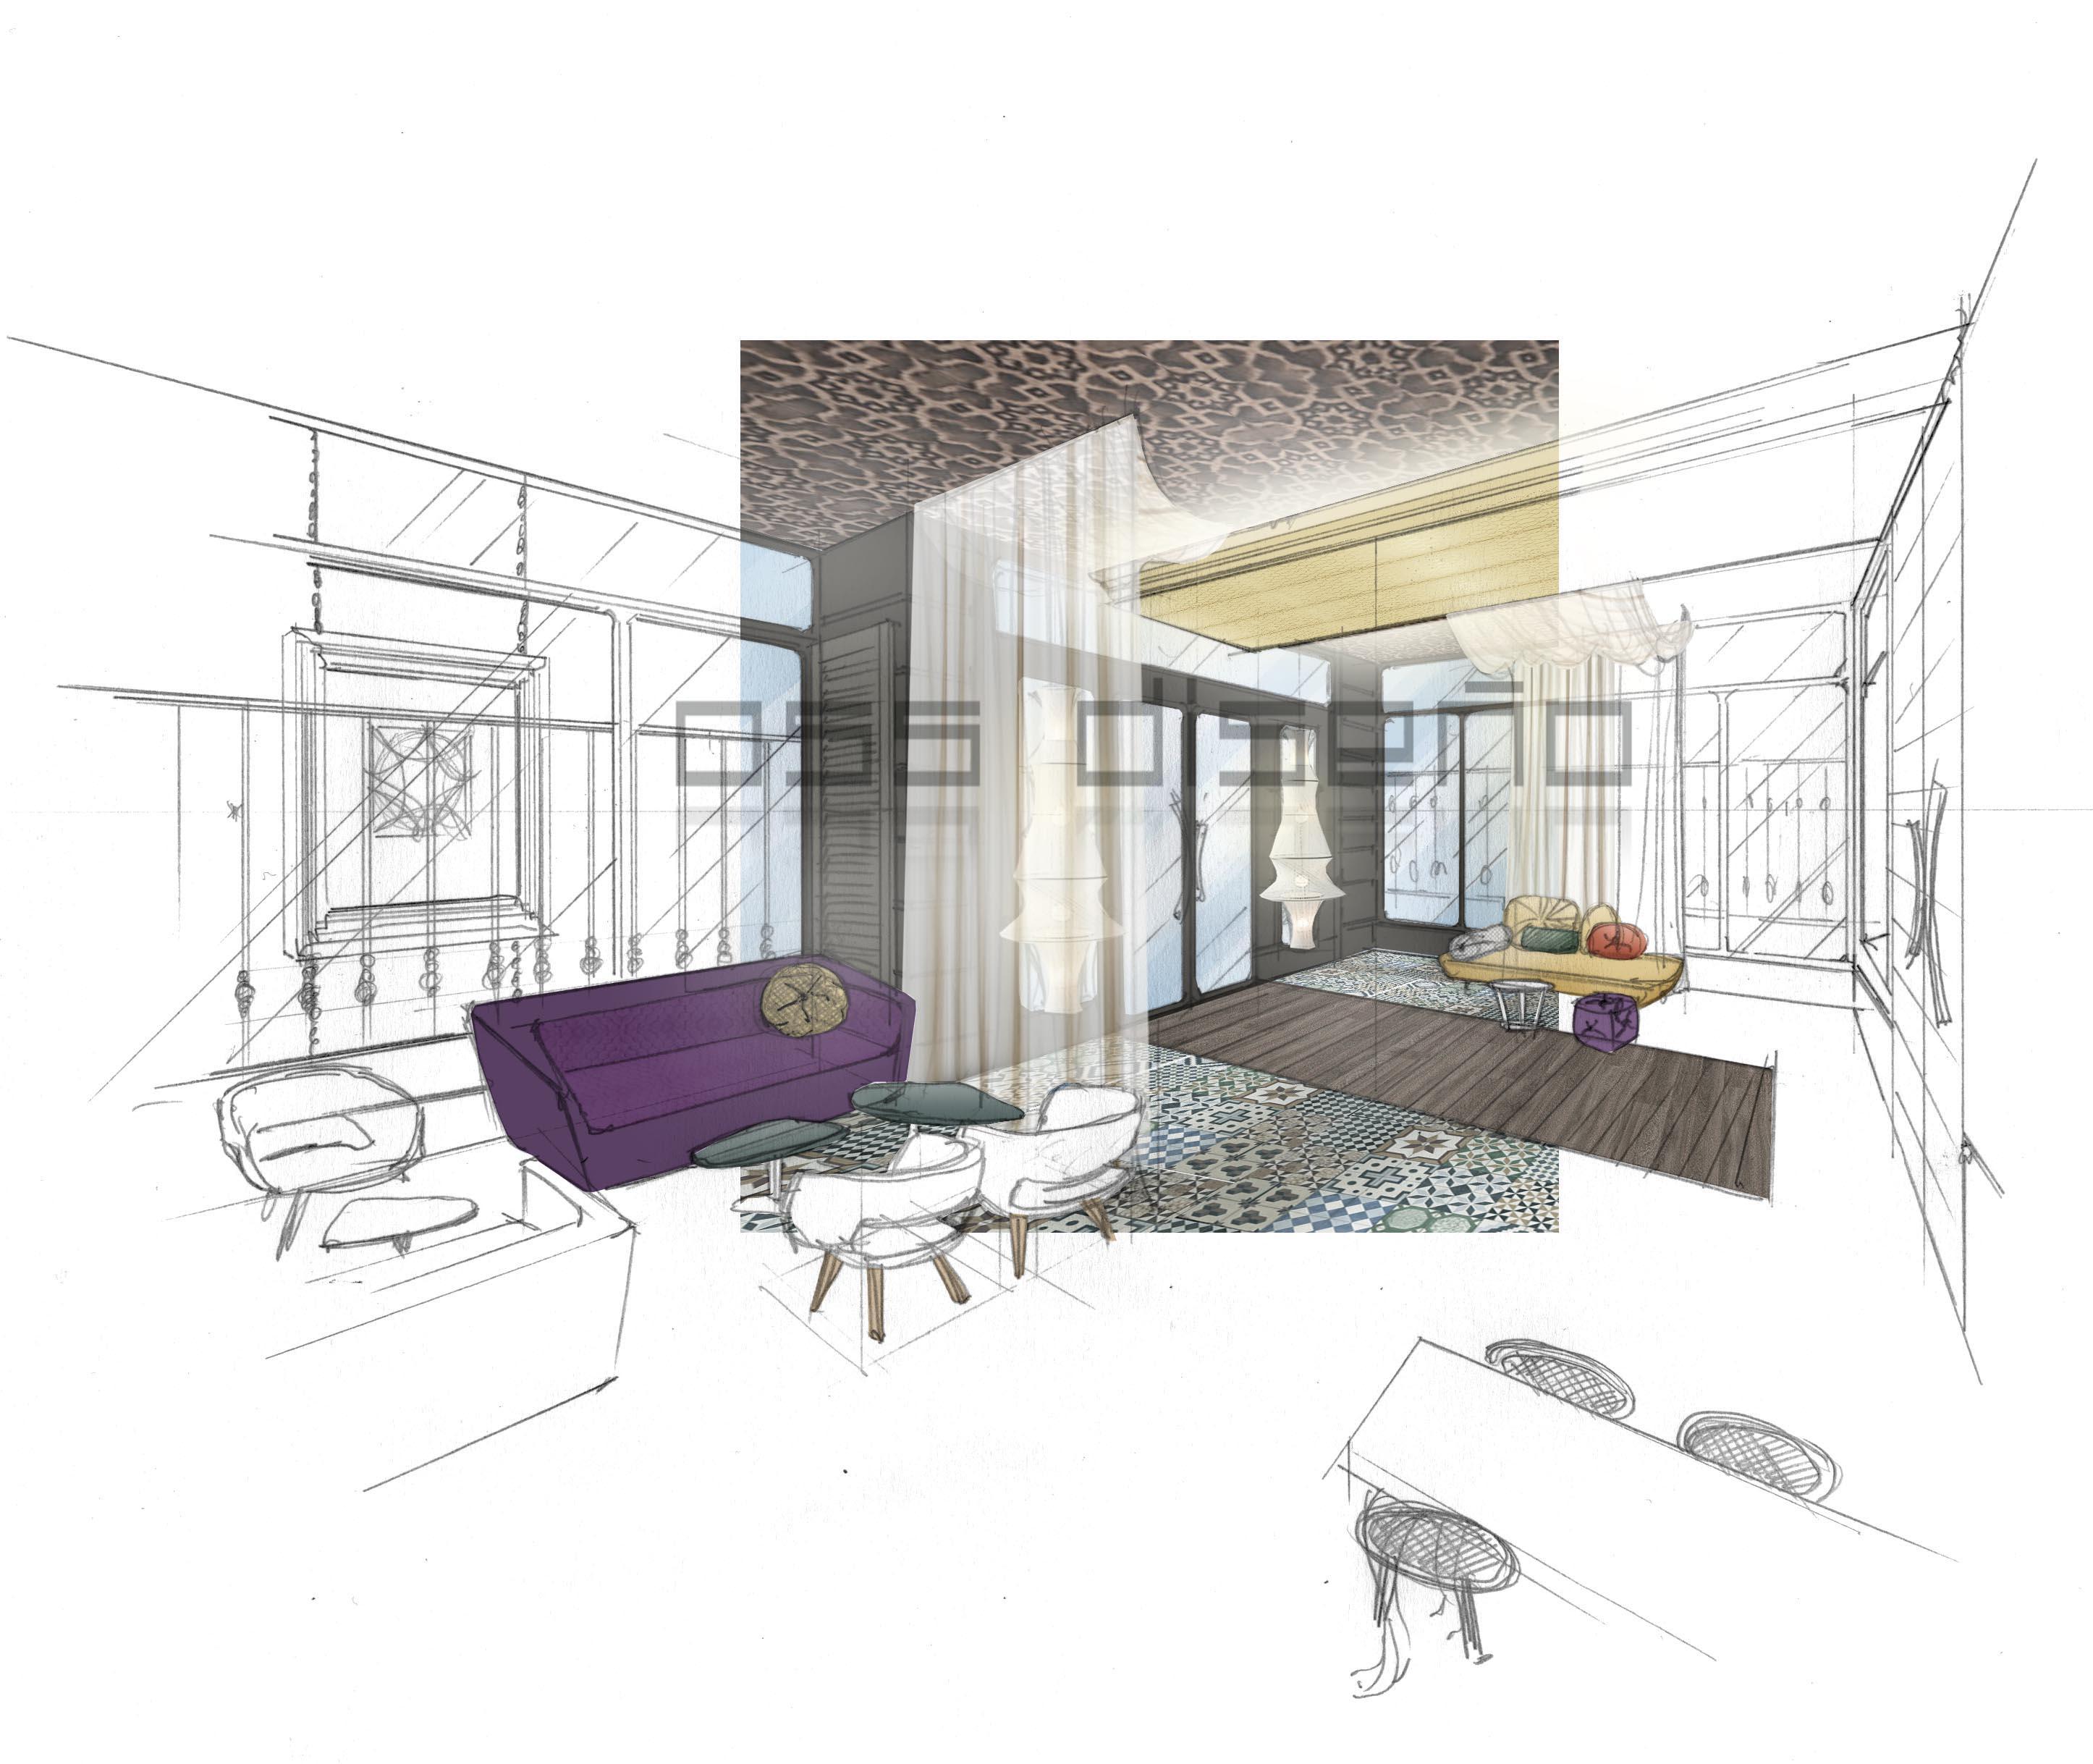 Decoracion de casas modernas dise os arquitect nicos for Casas modernas recorrido virtual